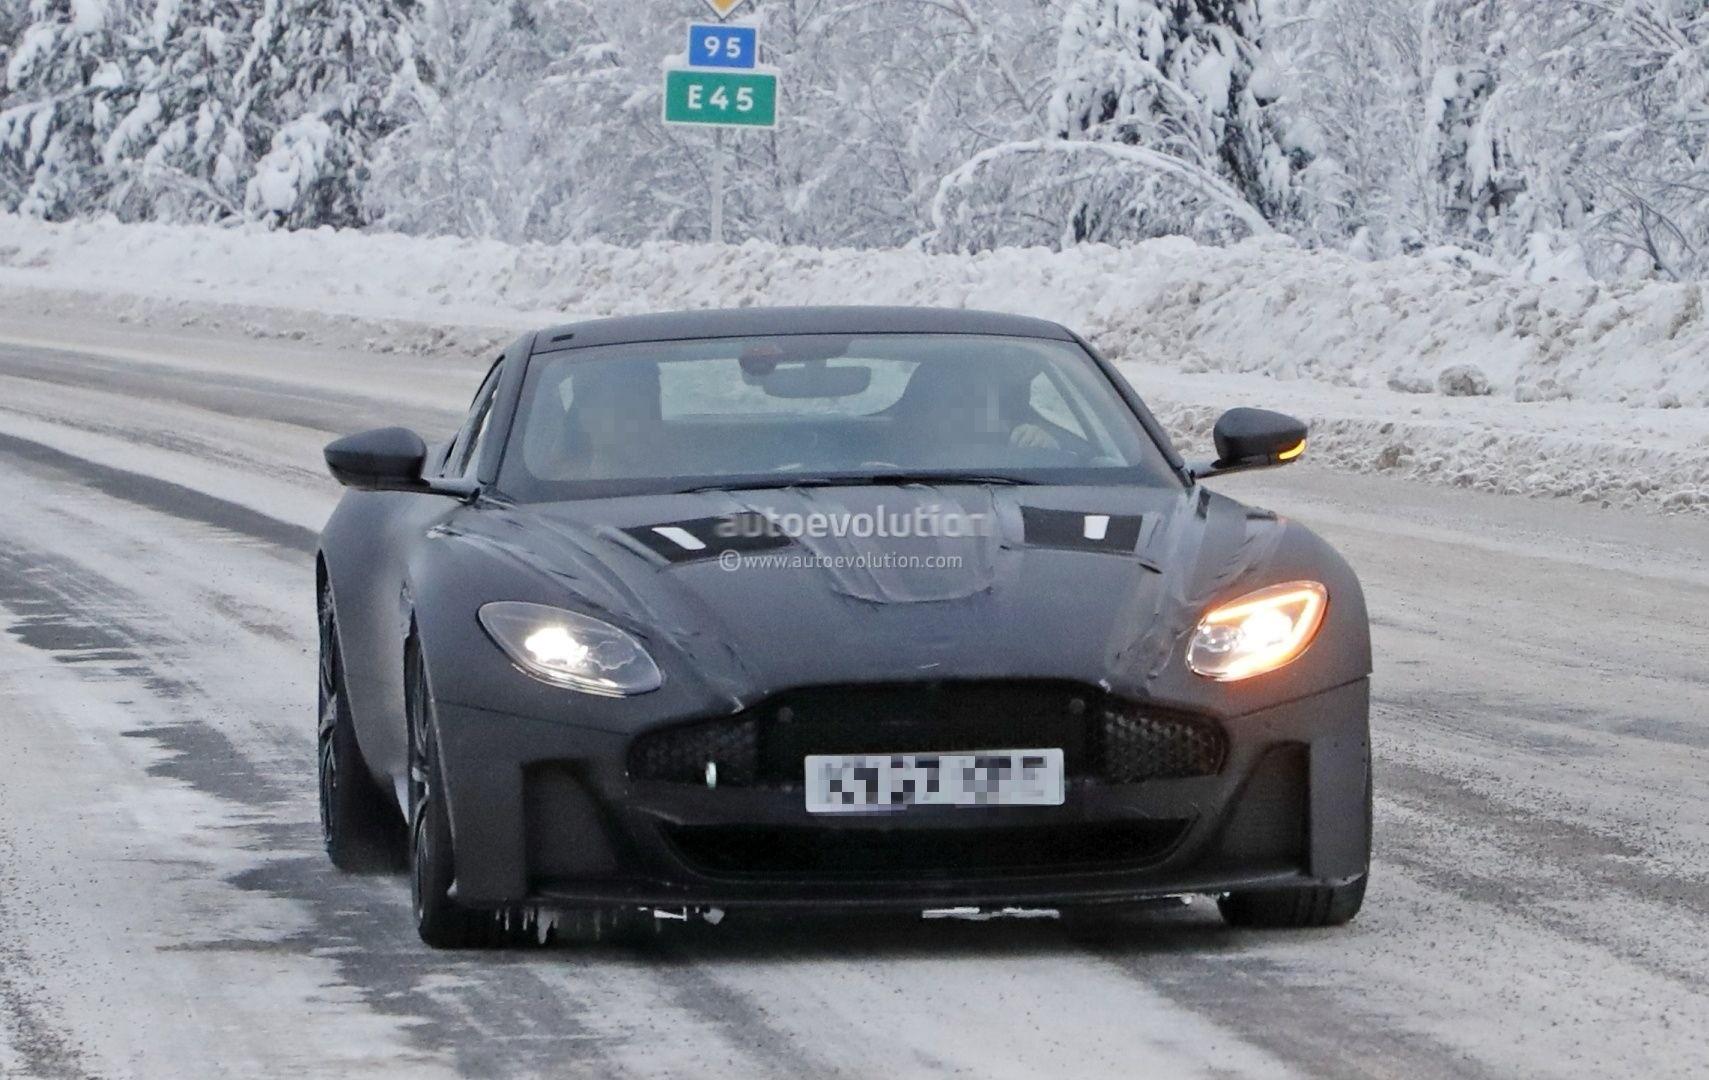 2019 Aston Martin Vanquish Spied ...